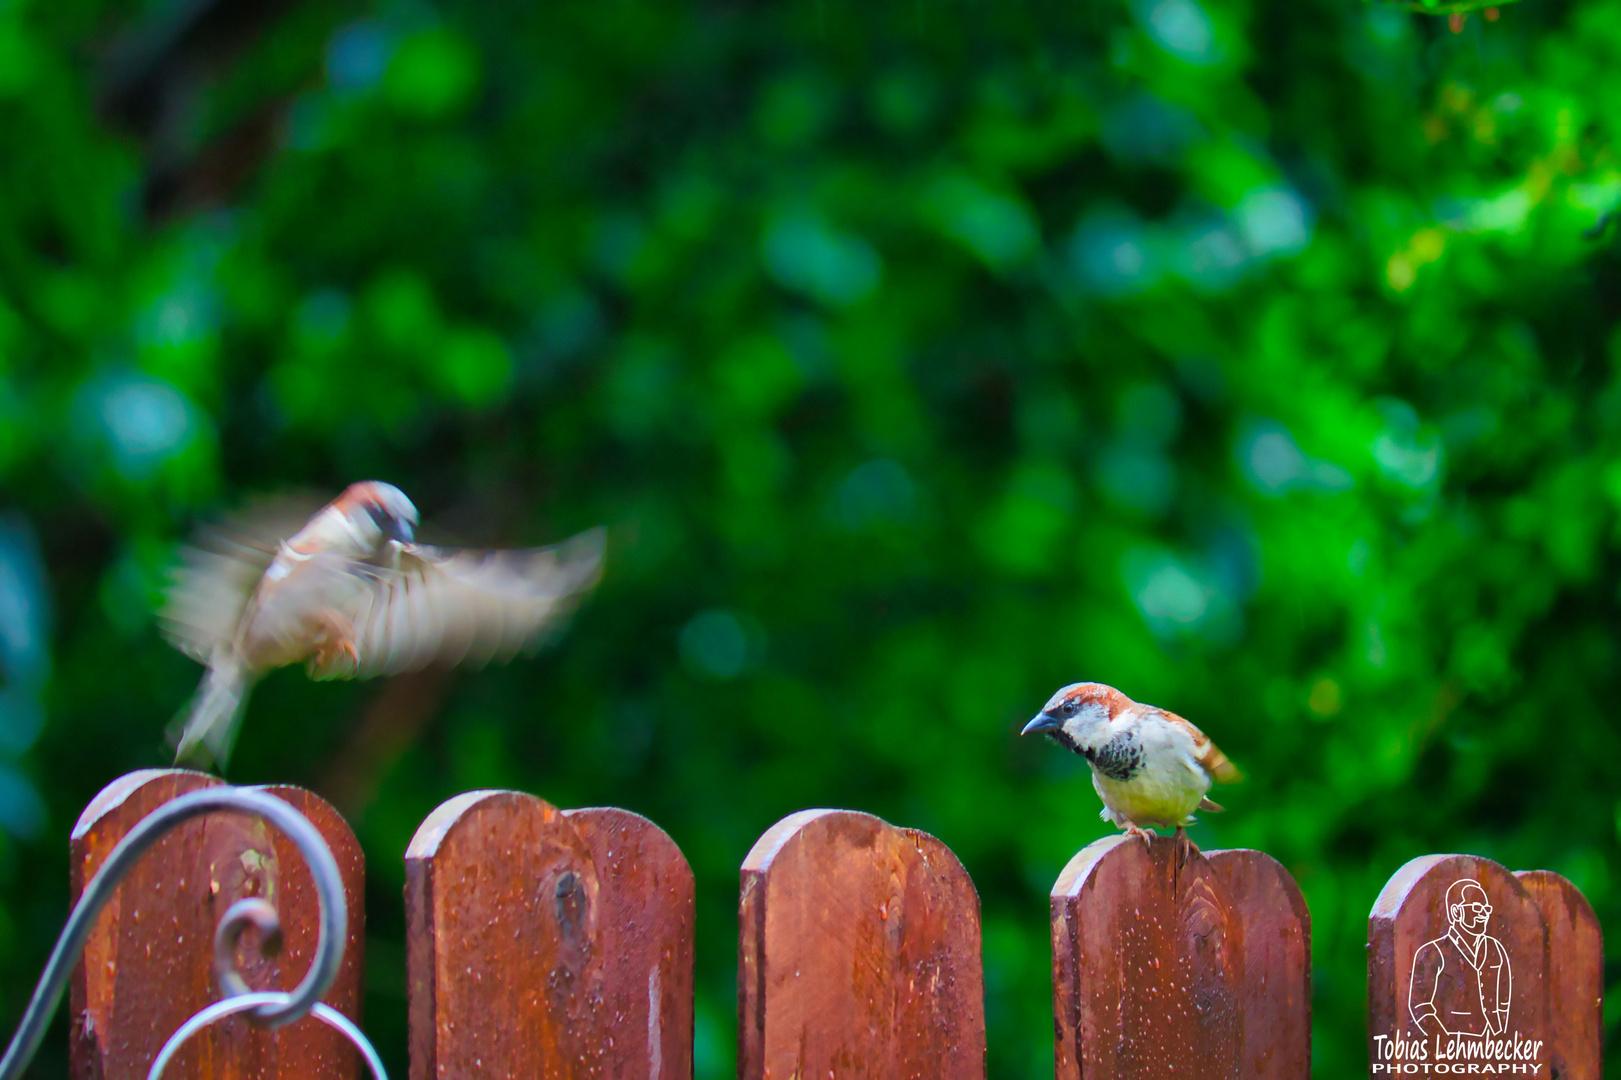 Flugverkehr im Garten